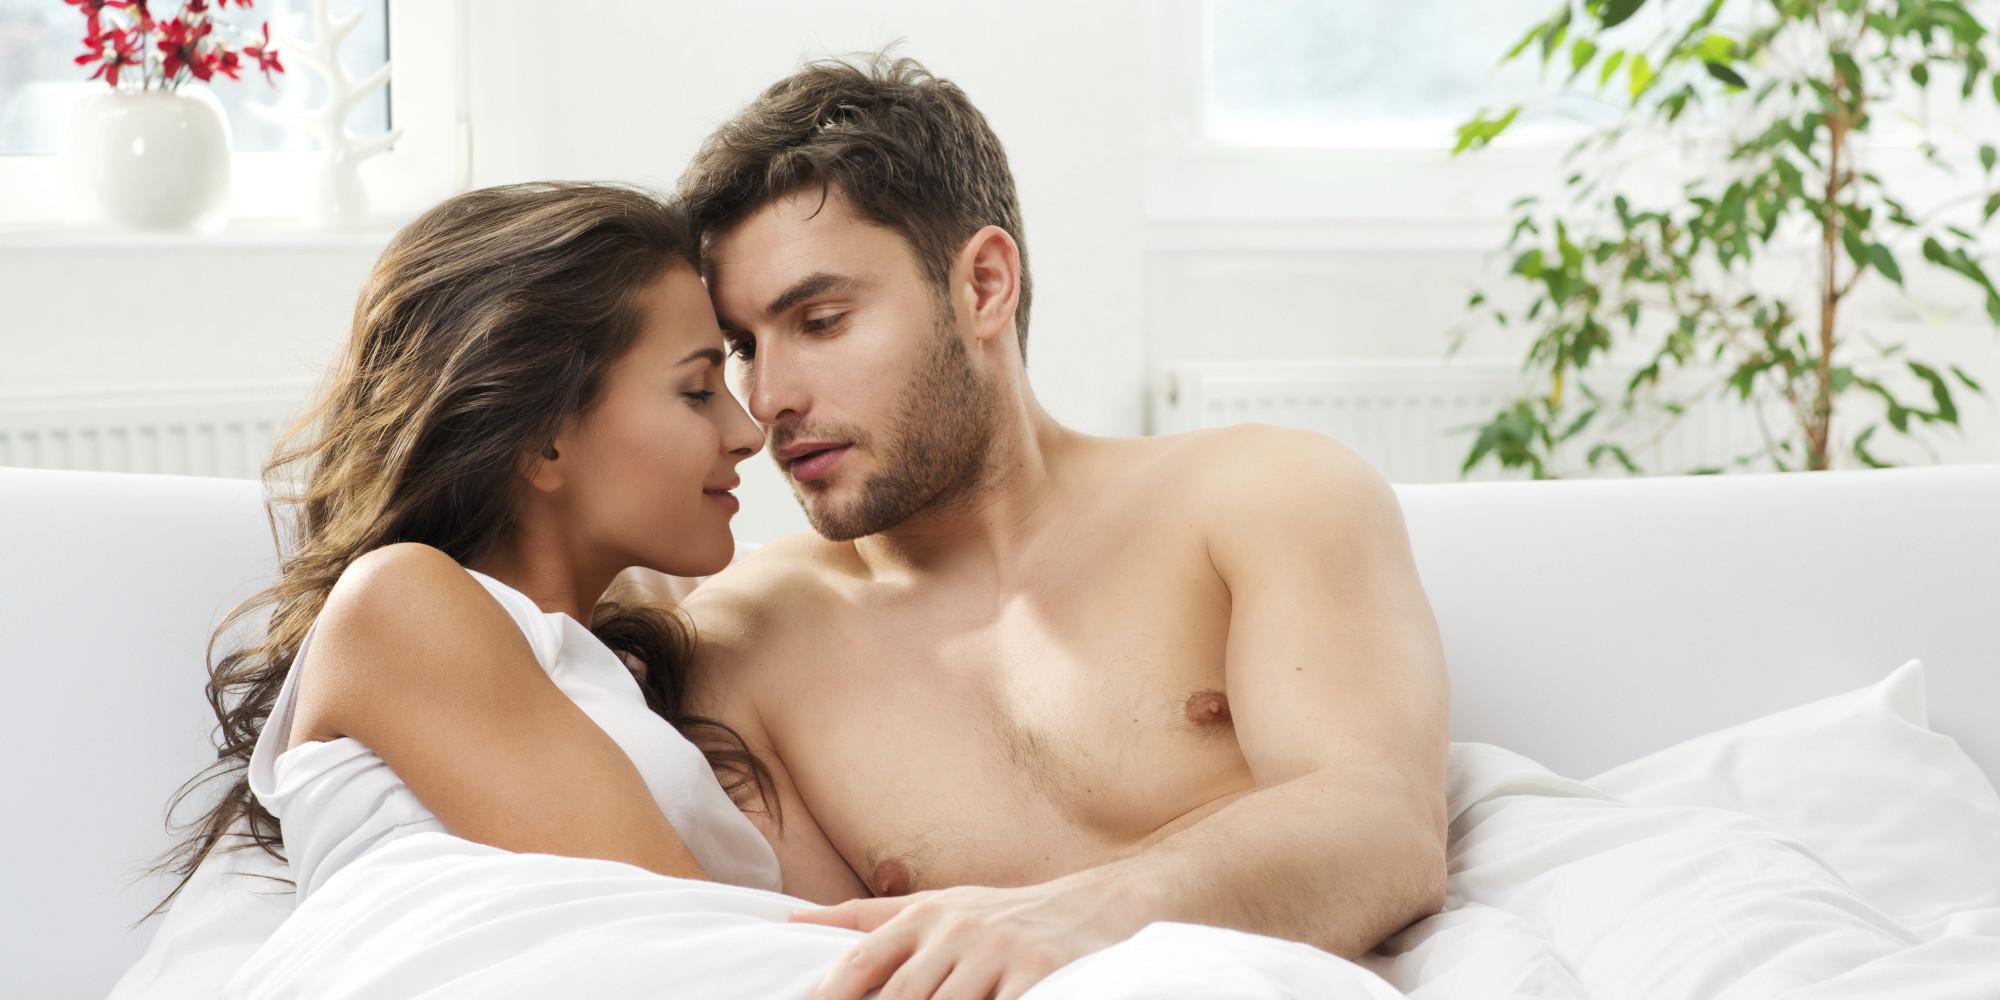 wie oft wichsen sexpartner apps